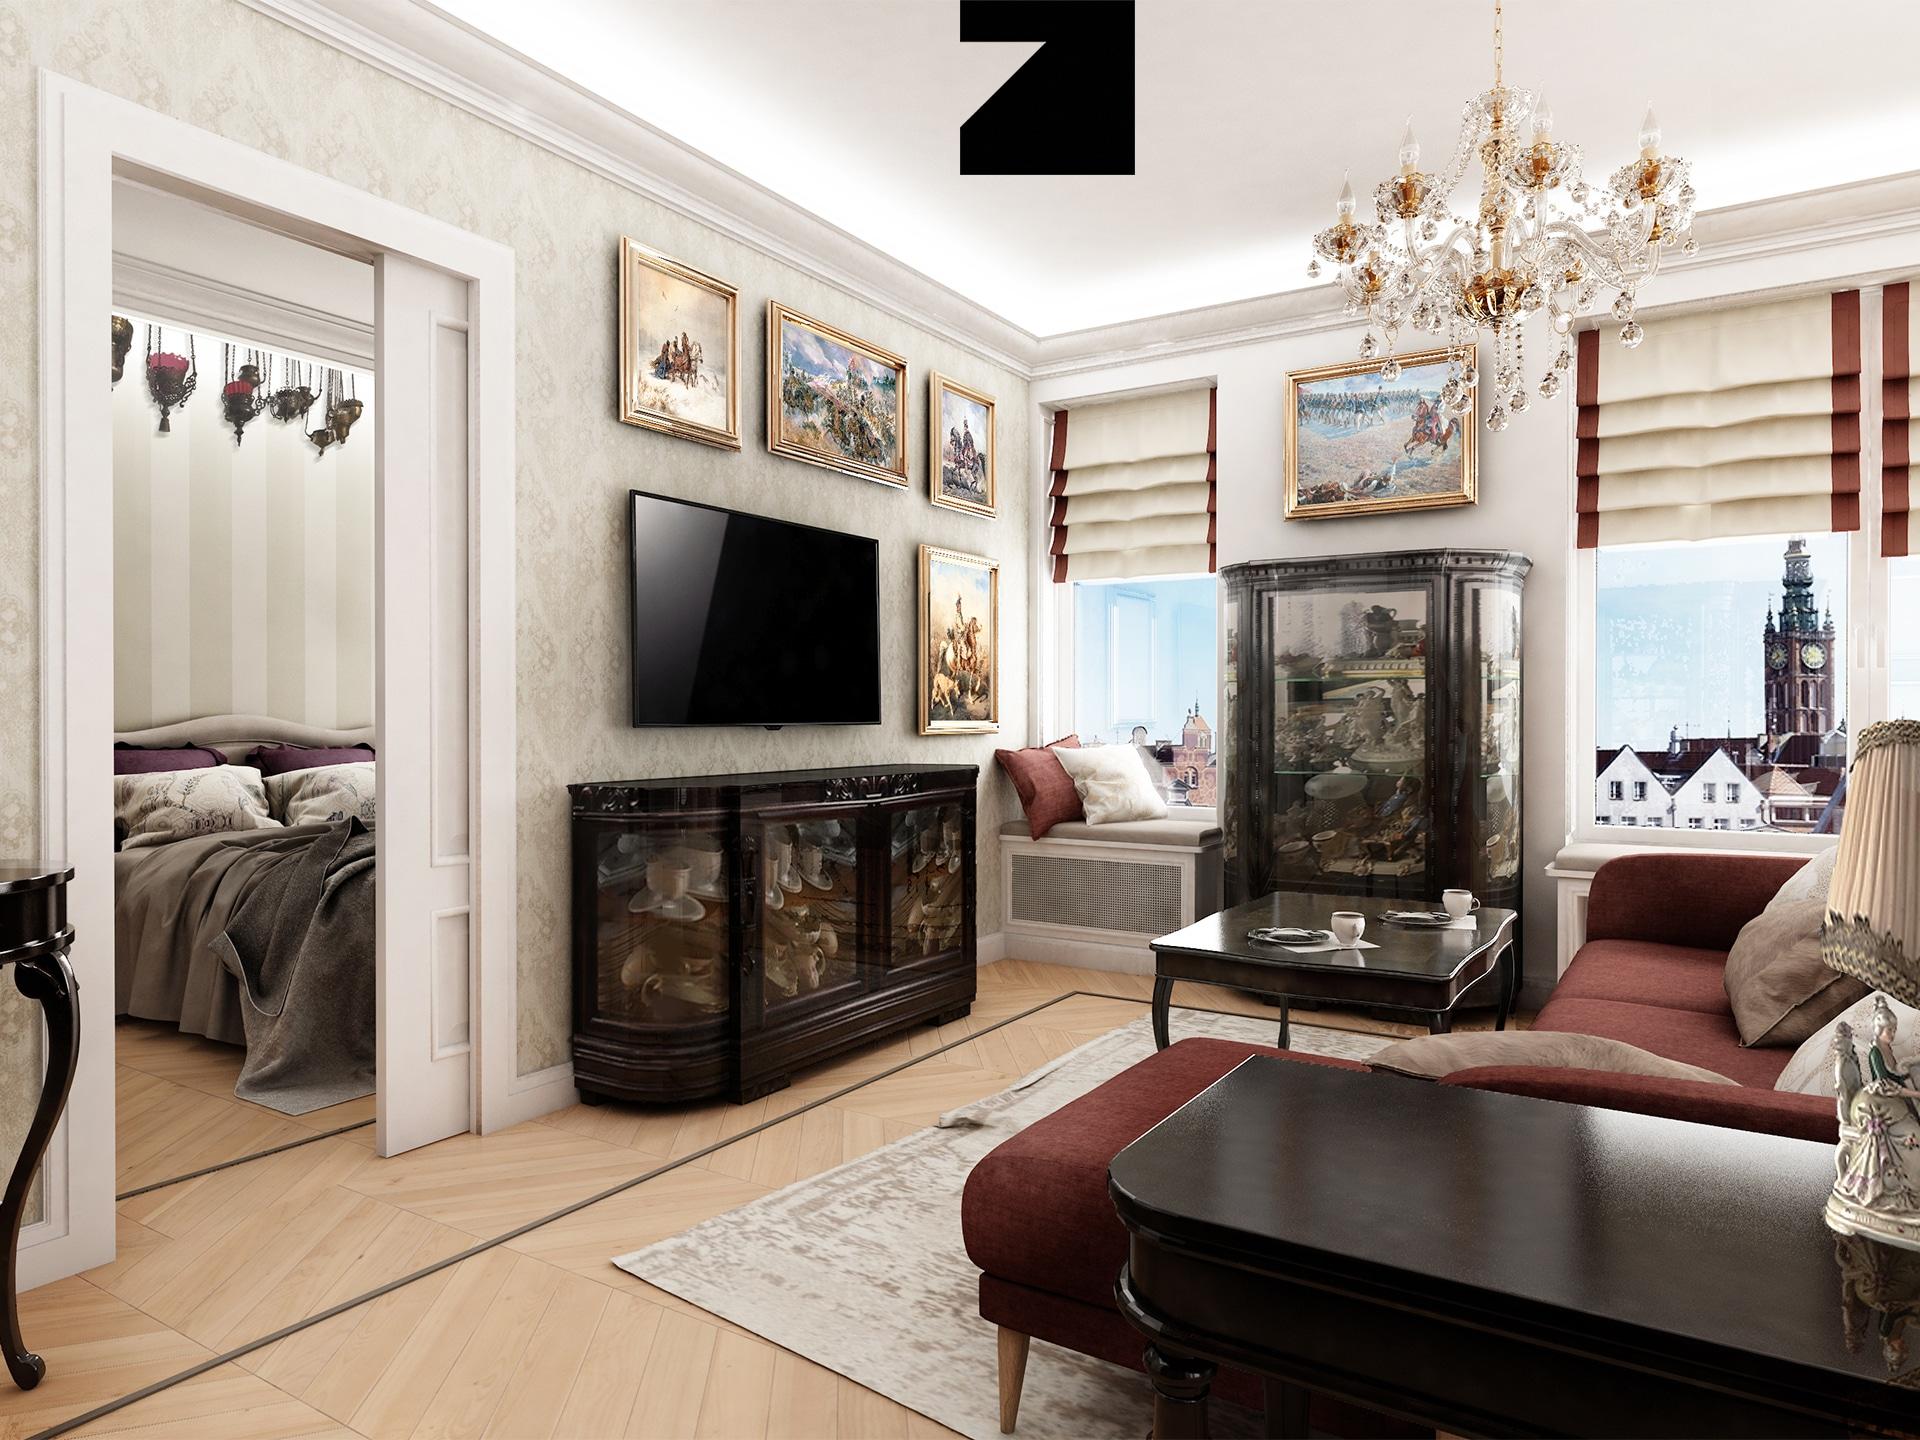 projekt luksusowego wnętrza